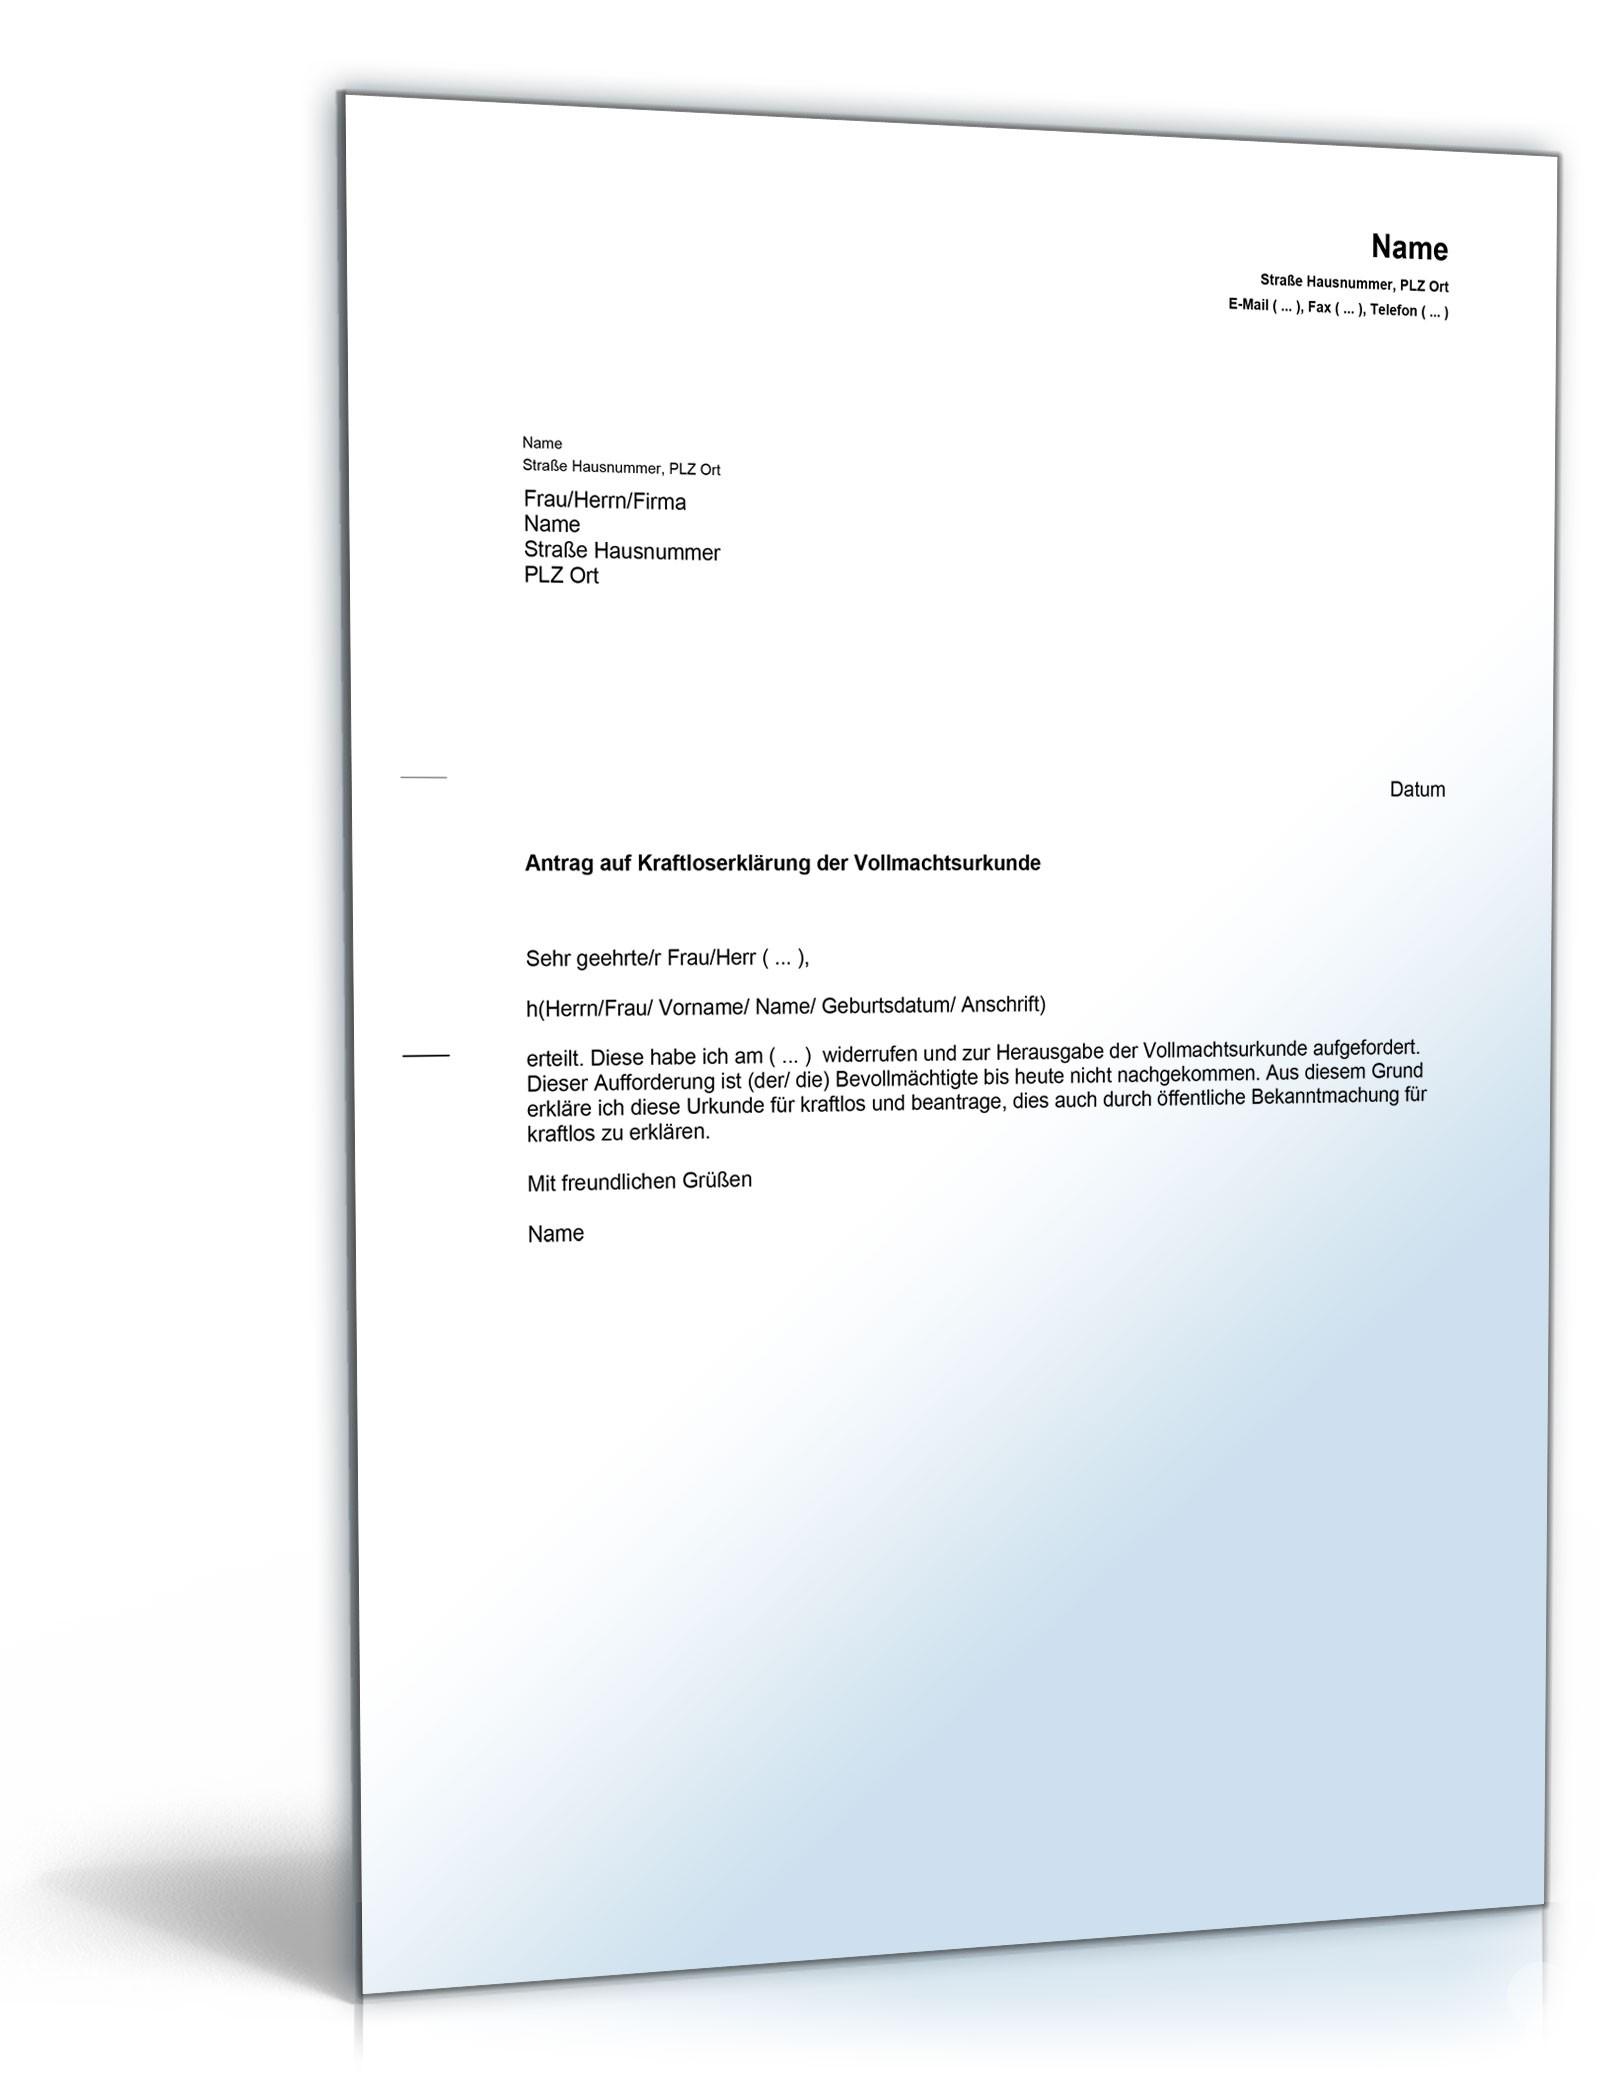 Antrag Auf Kraftloserklärung Vollmacht Musterbrief Zum Download